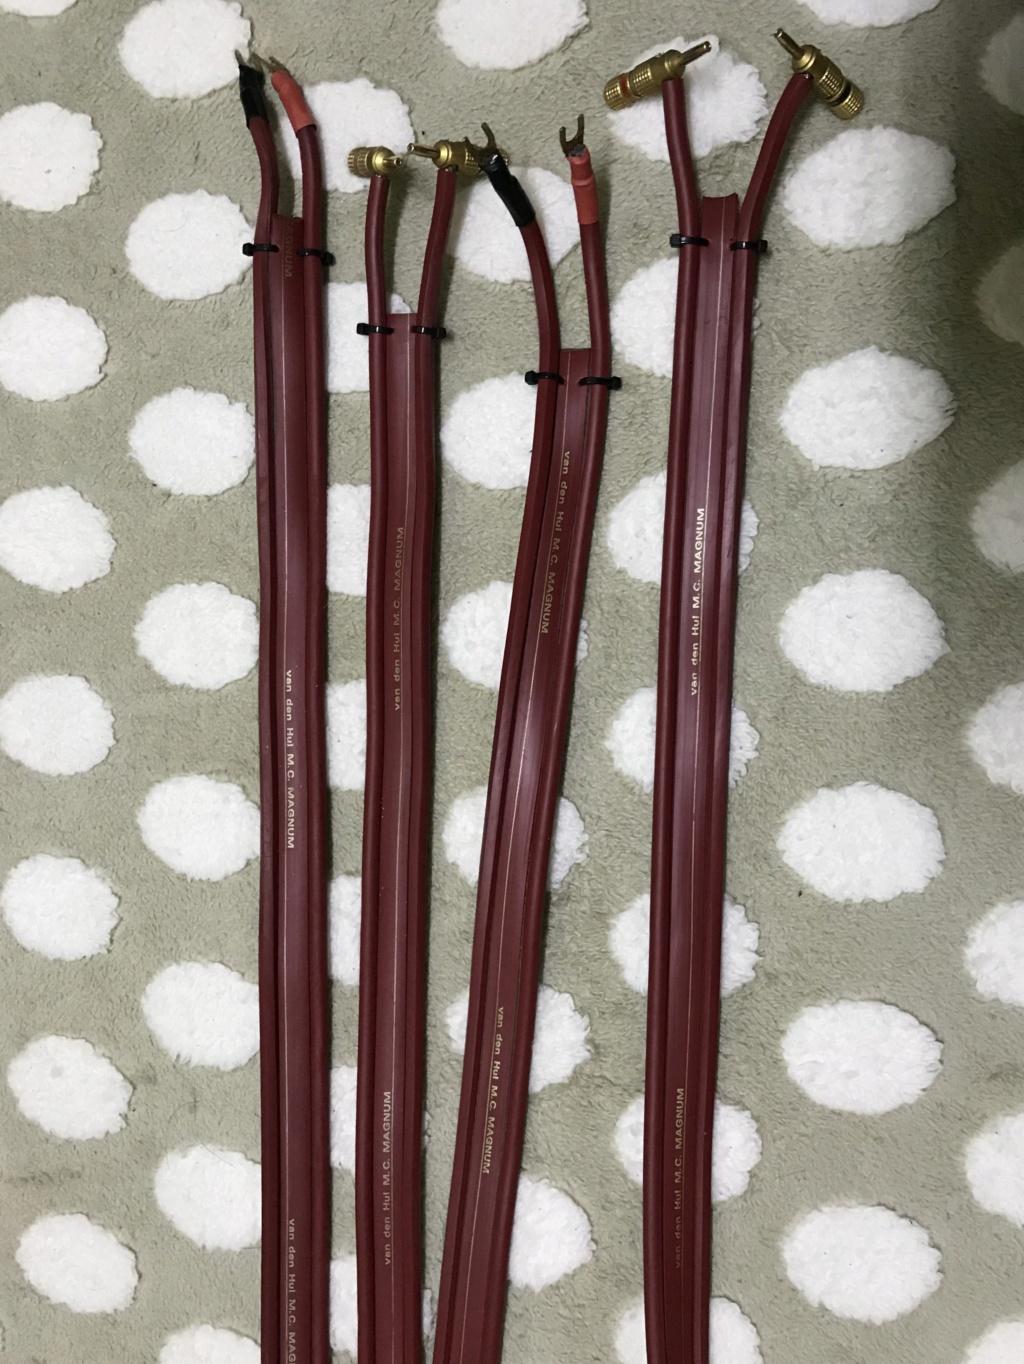 Van den hul m.c magnum speaker cable 3.2m(used) B78de510